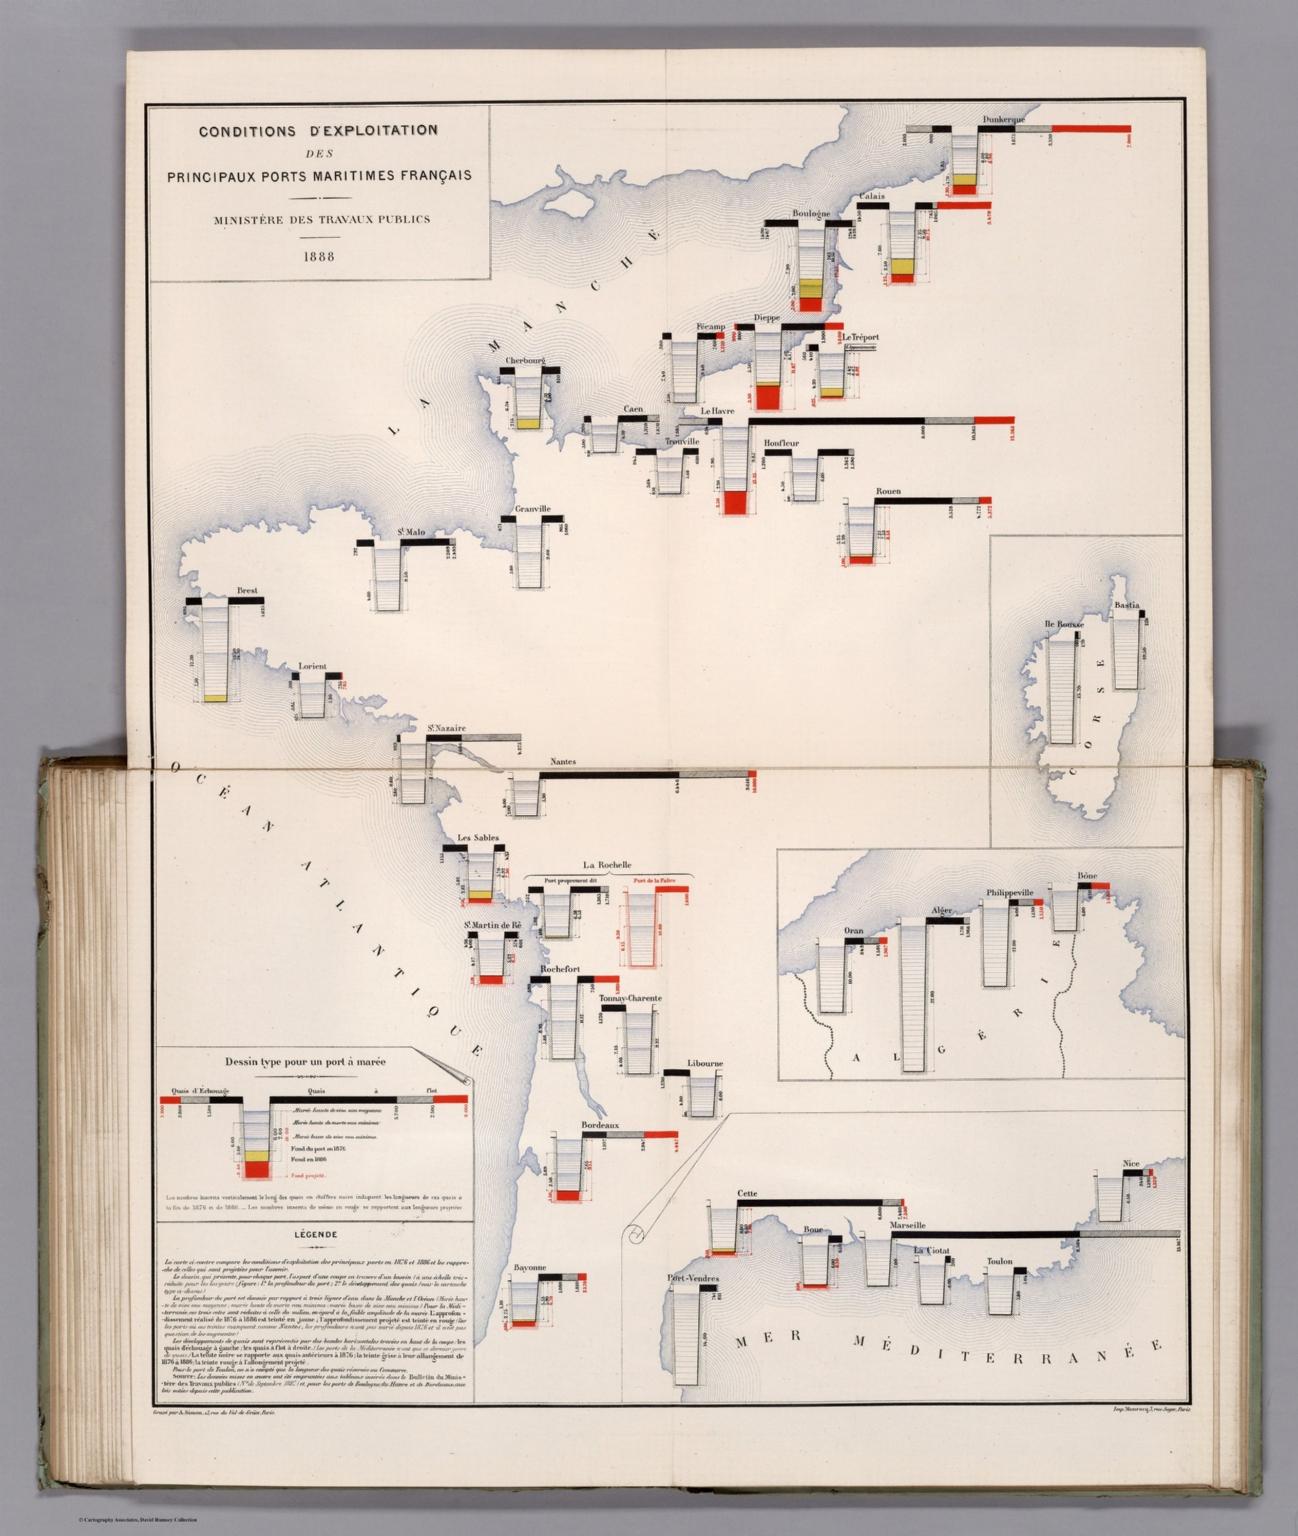 Conditions D'Exploitation des Principaux Ports Maritimes Francais. 1888.